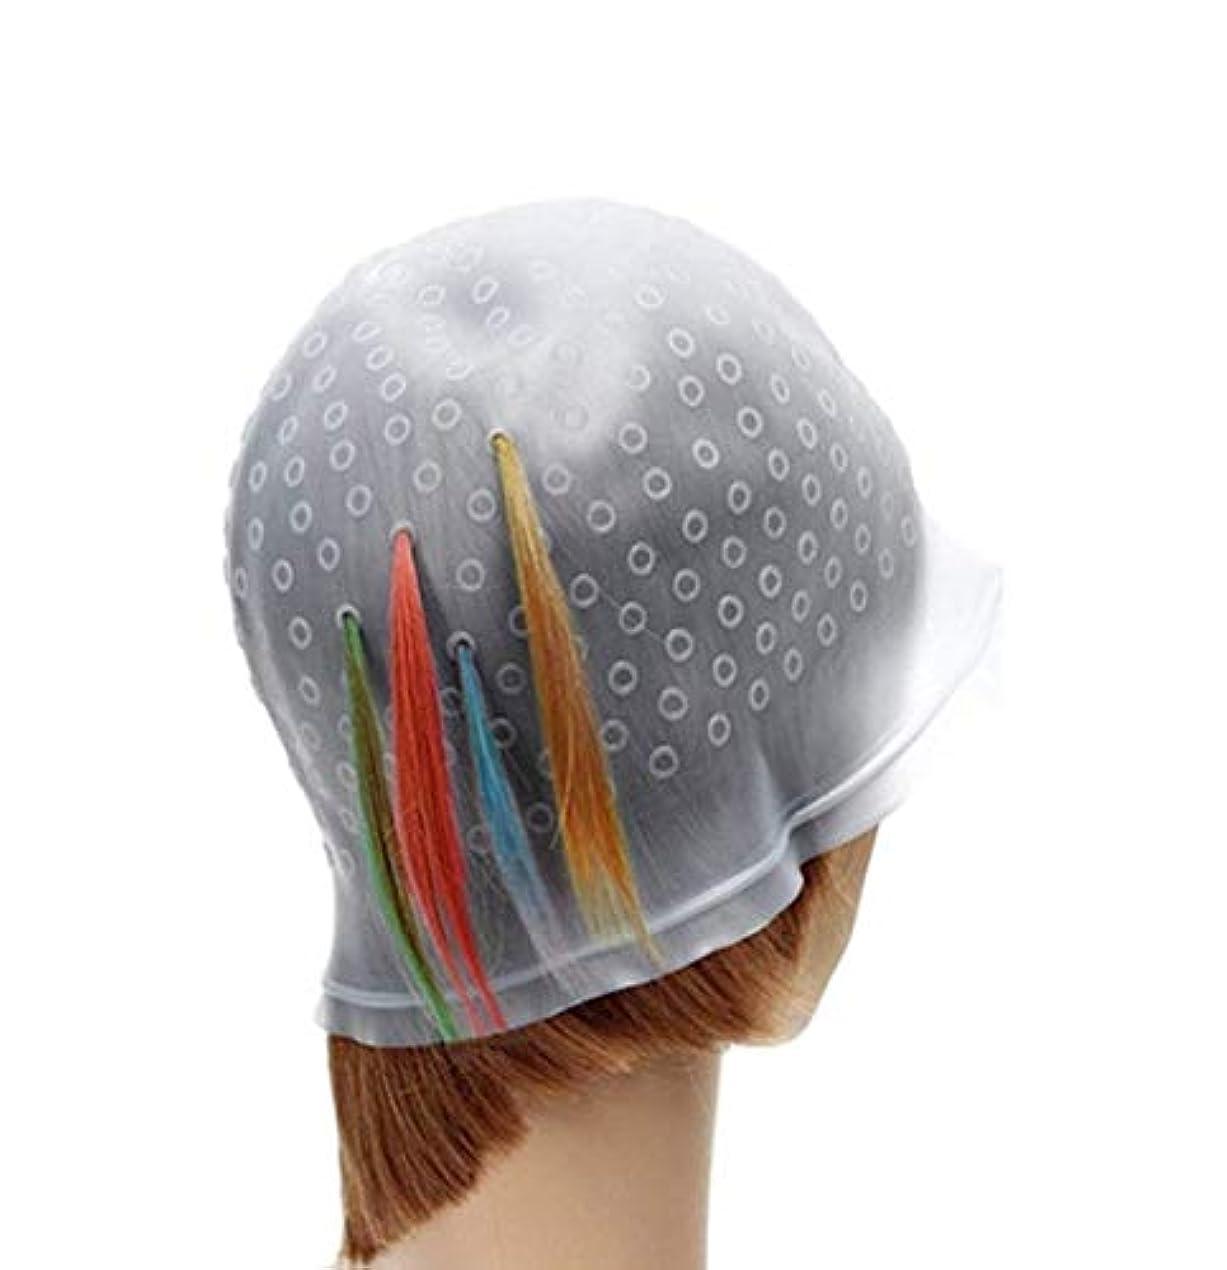 文明化購入ボランティアFACAI 洗って使える 毛染め ヘアカラー メッシュ 用 シリコン ヘア キャップ 穴あけポンチ シリコン キャップ (透明)